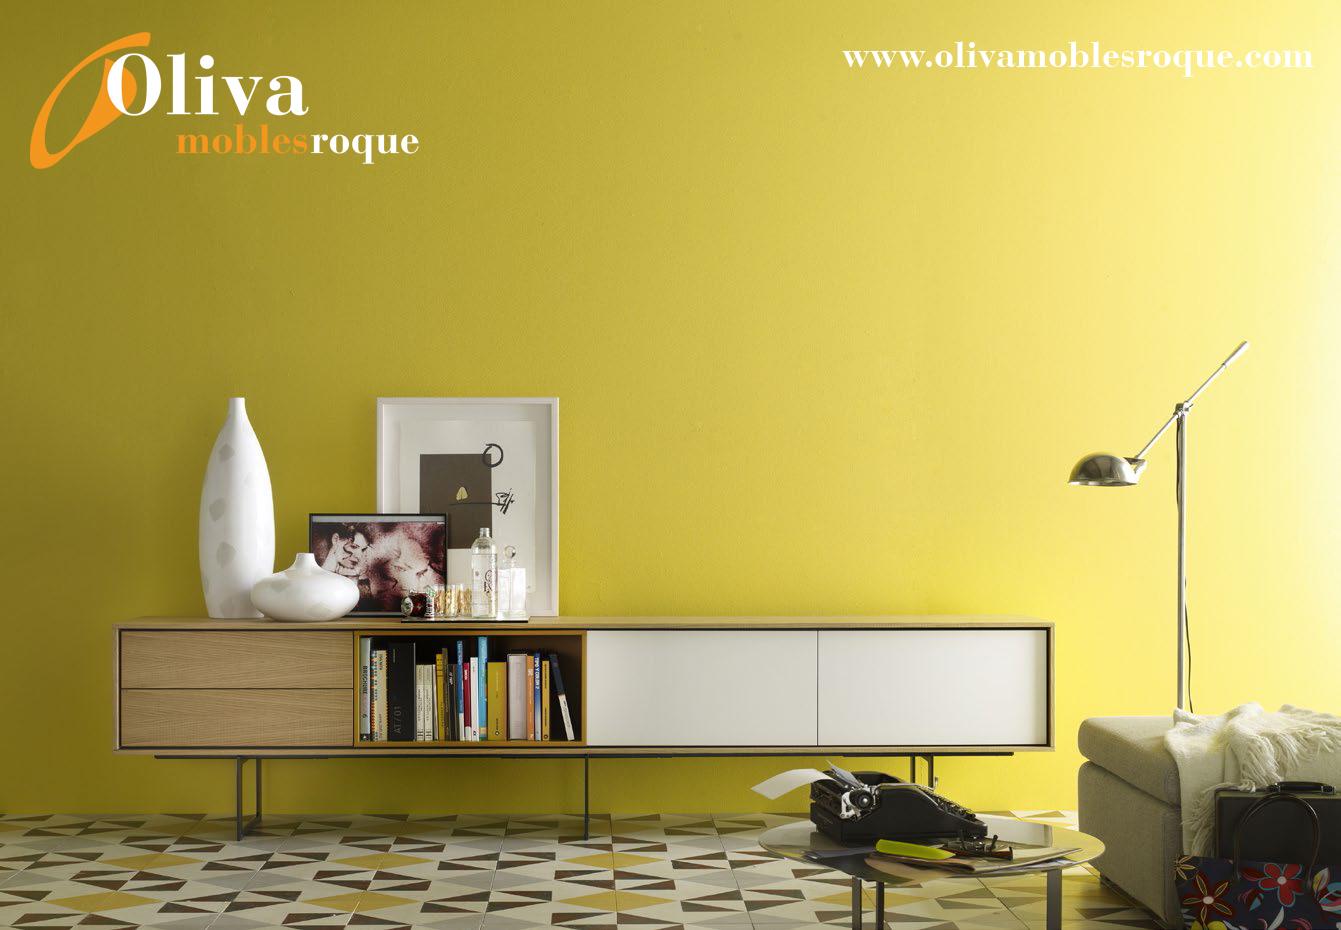 Treku colecci n aura tienda online y f sica de muebles - Habitat muebles madrid ...